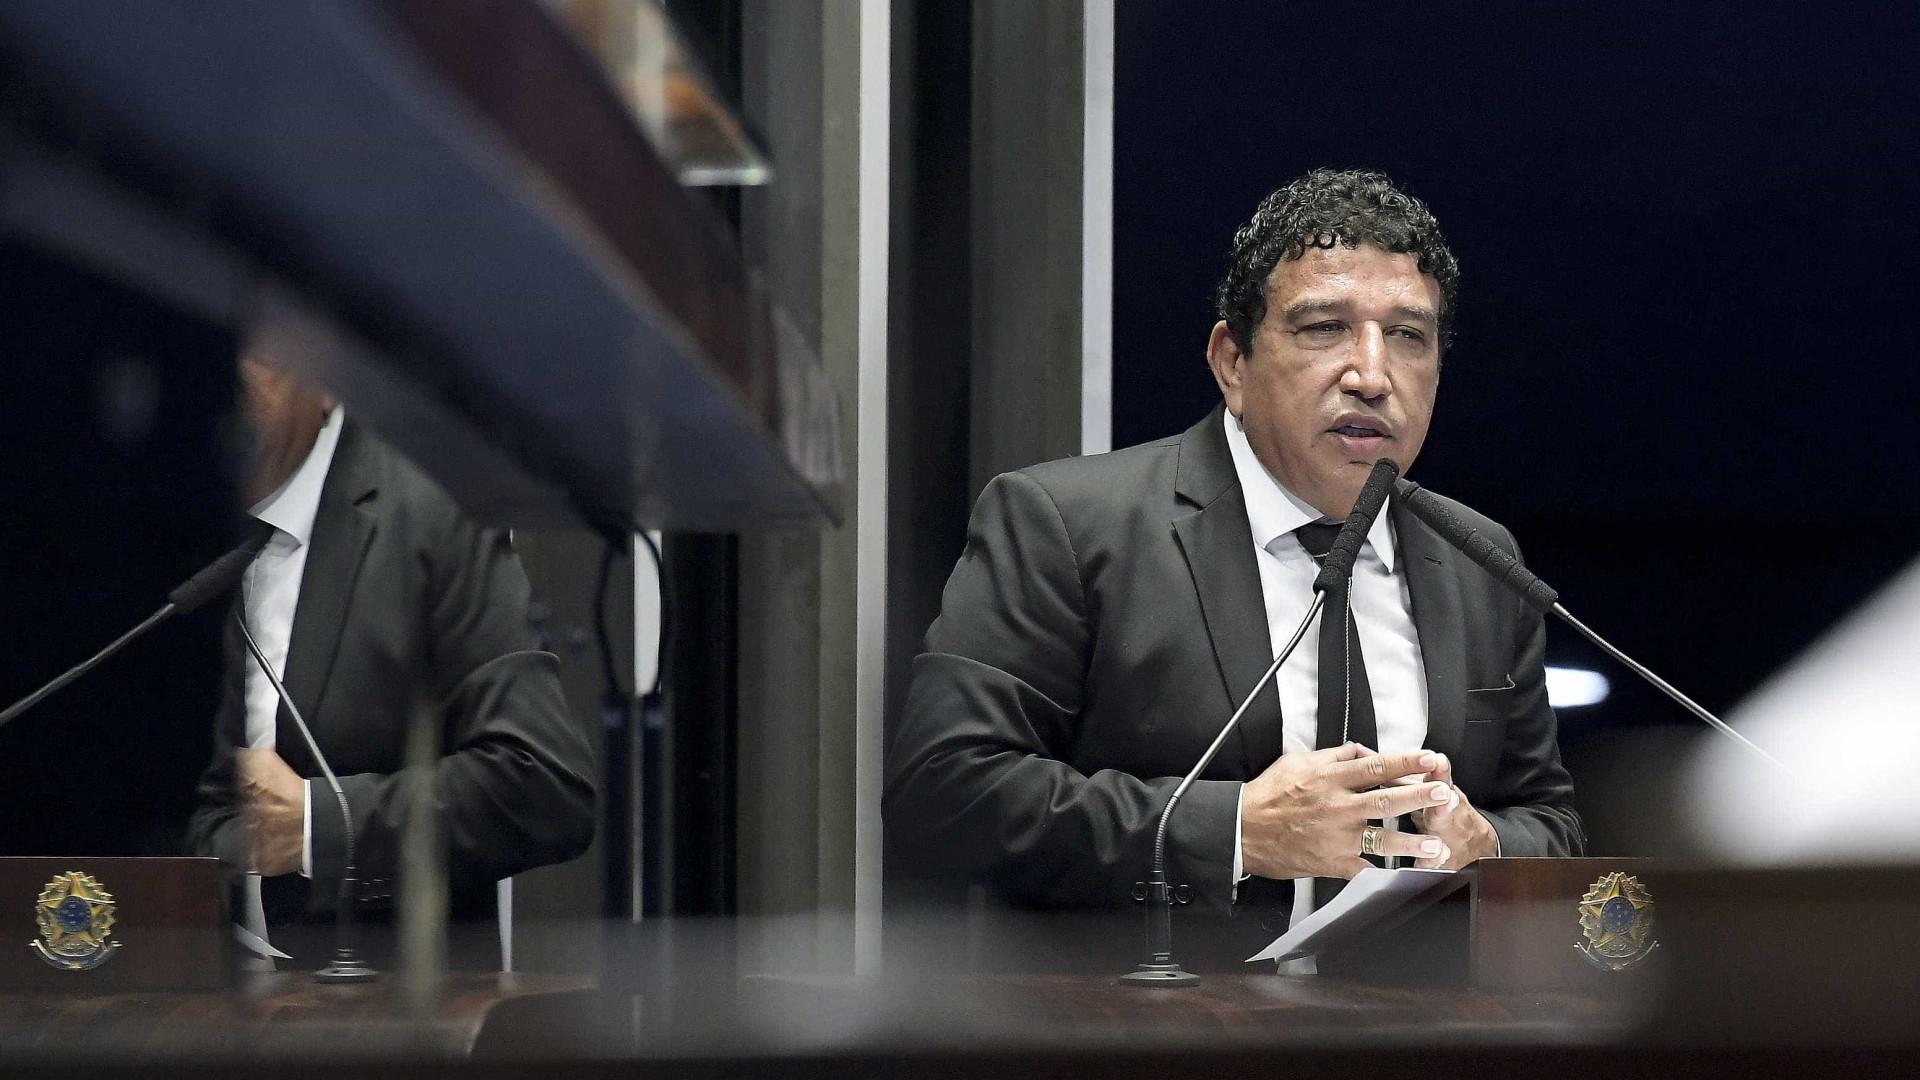 Magno Malta reitera apoio e diz que imprensa terá que engolir Bolsonaro